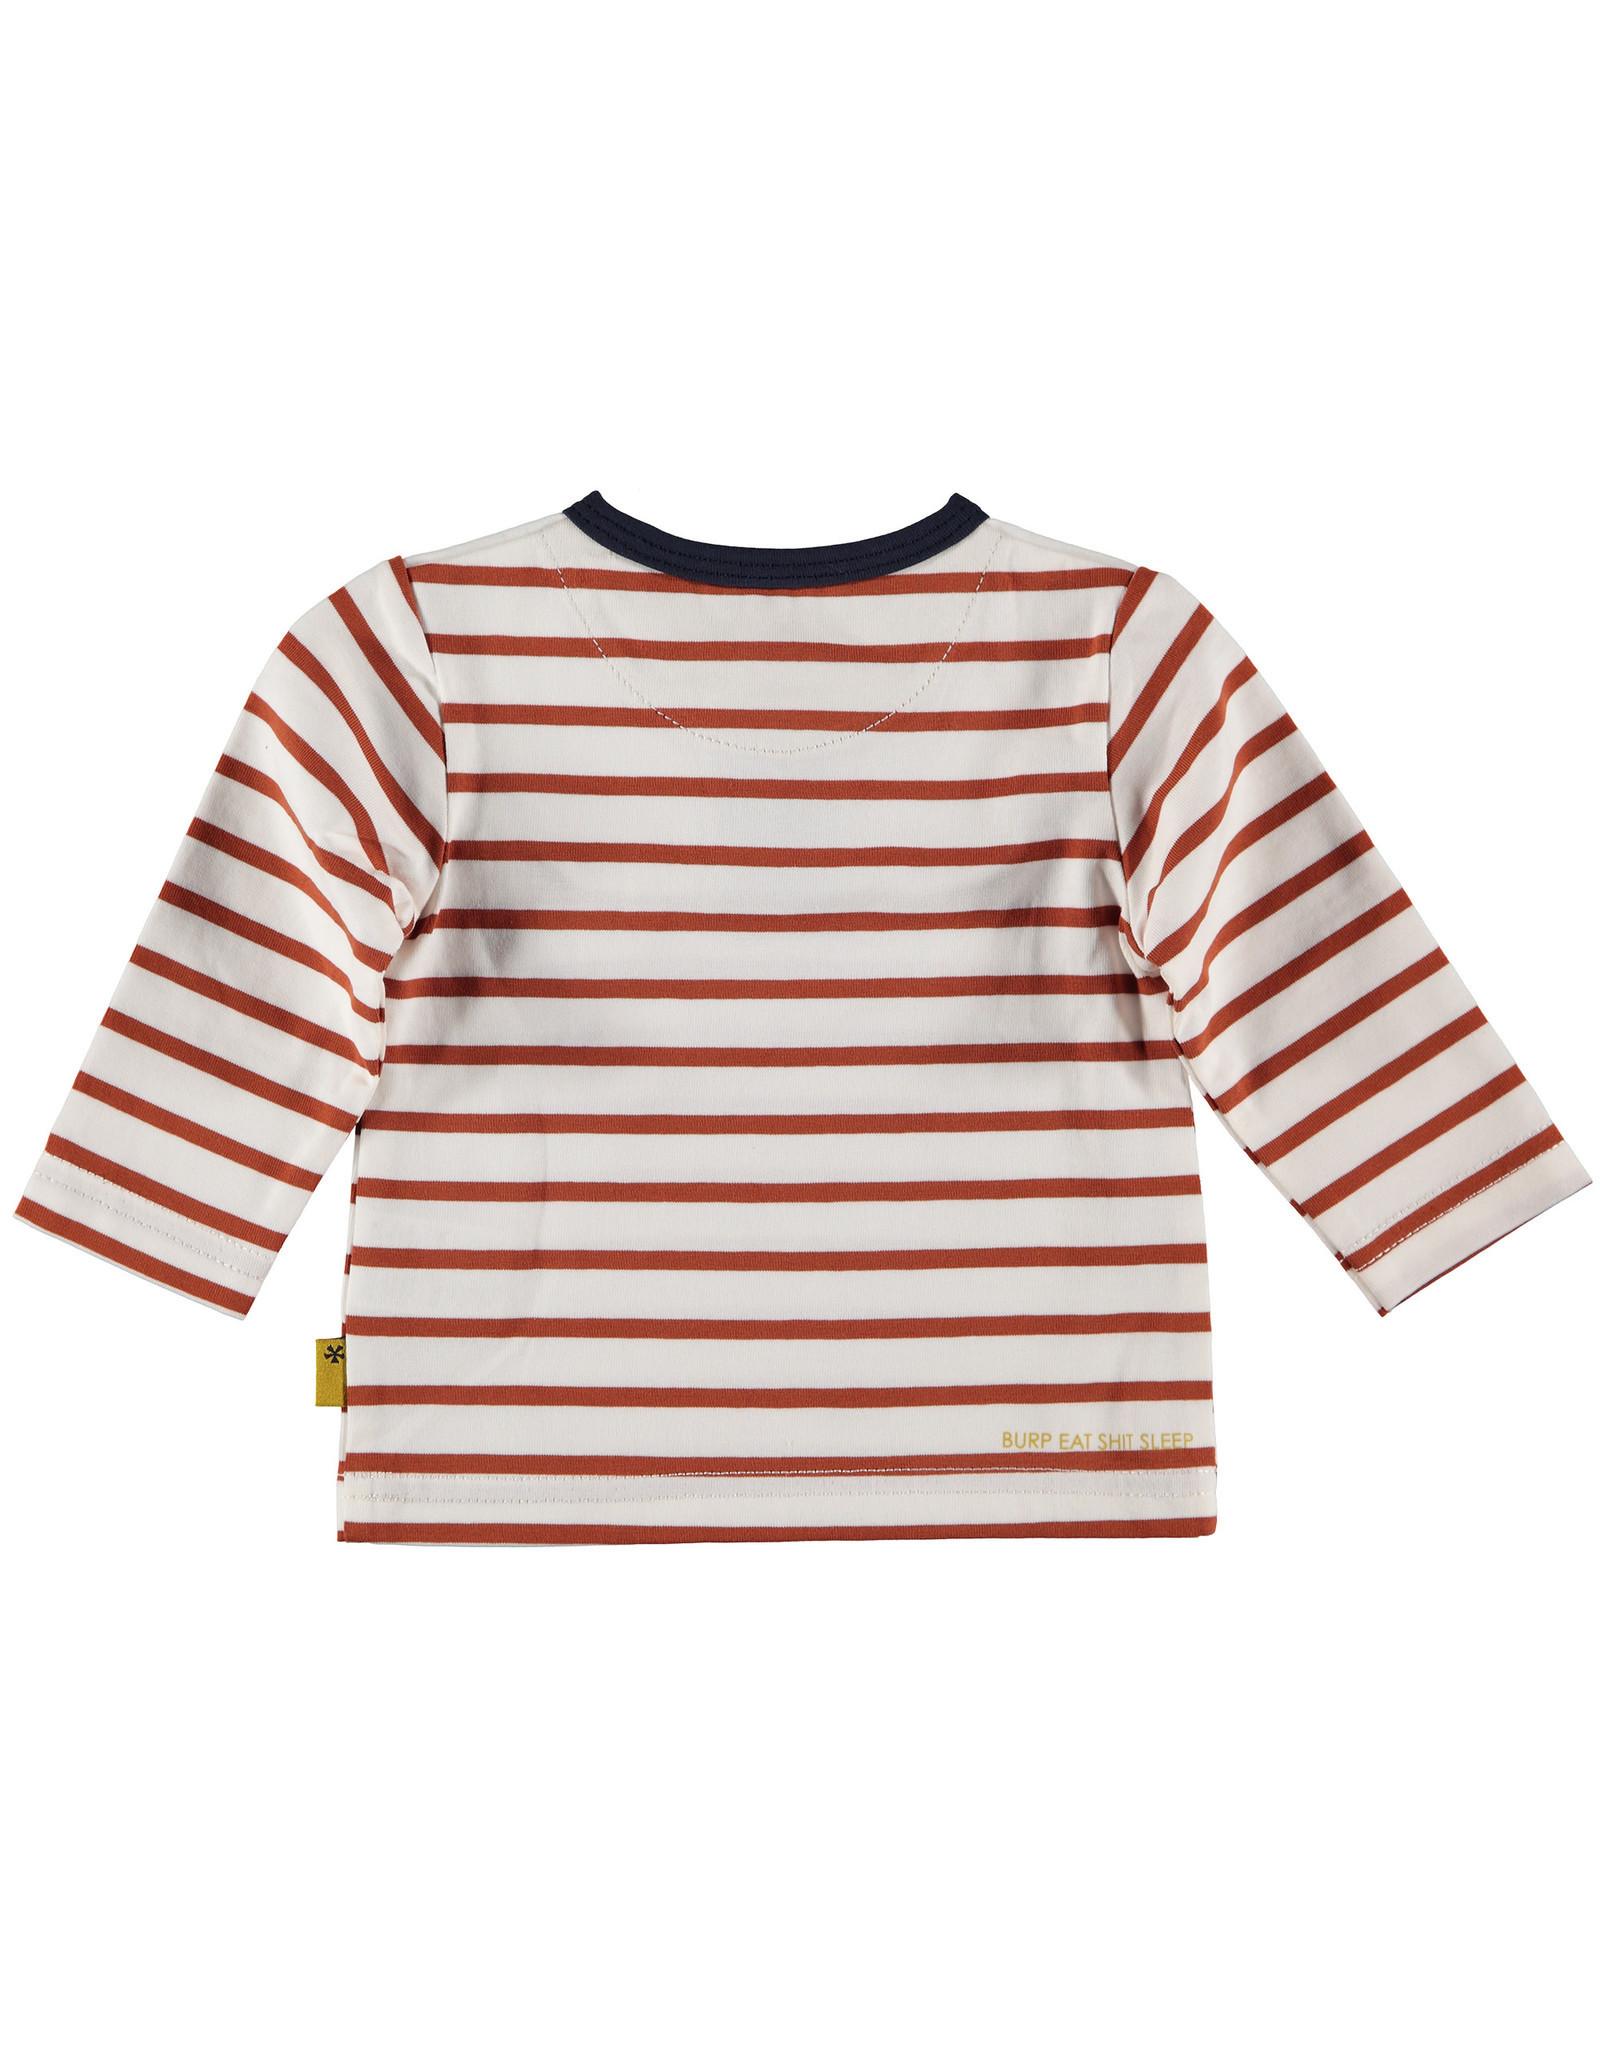 BESS BESS Shirt Henley LS Striped White